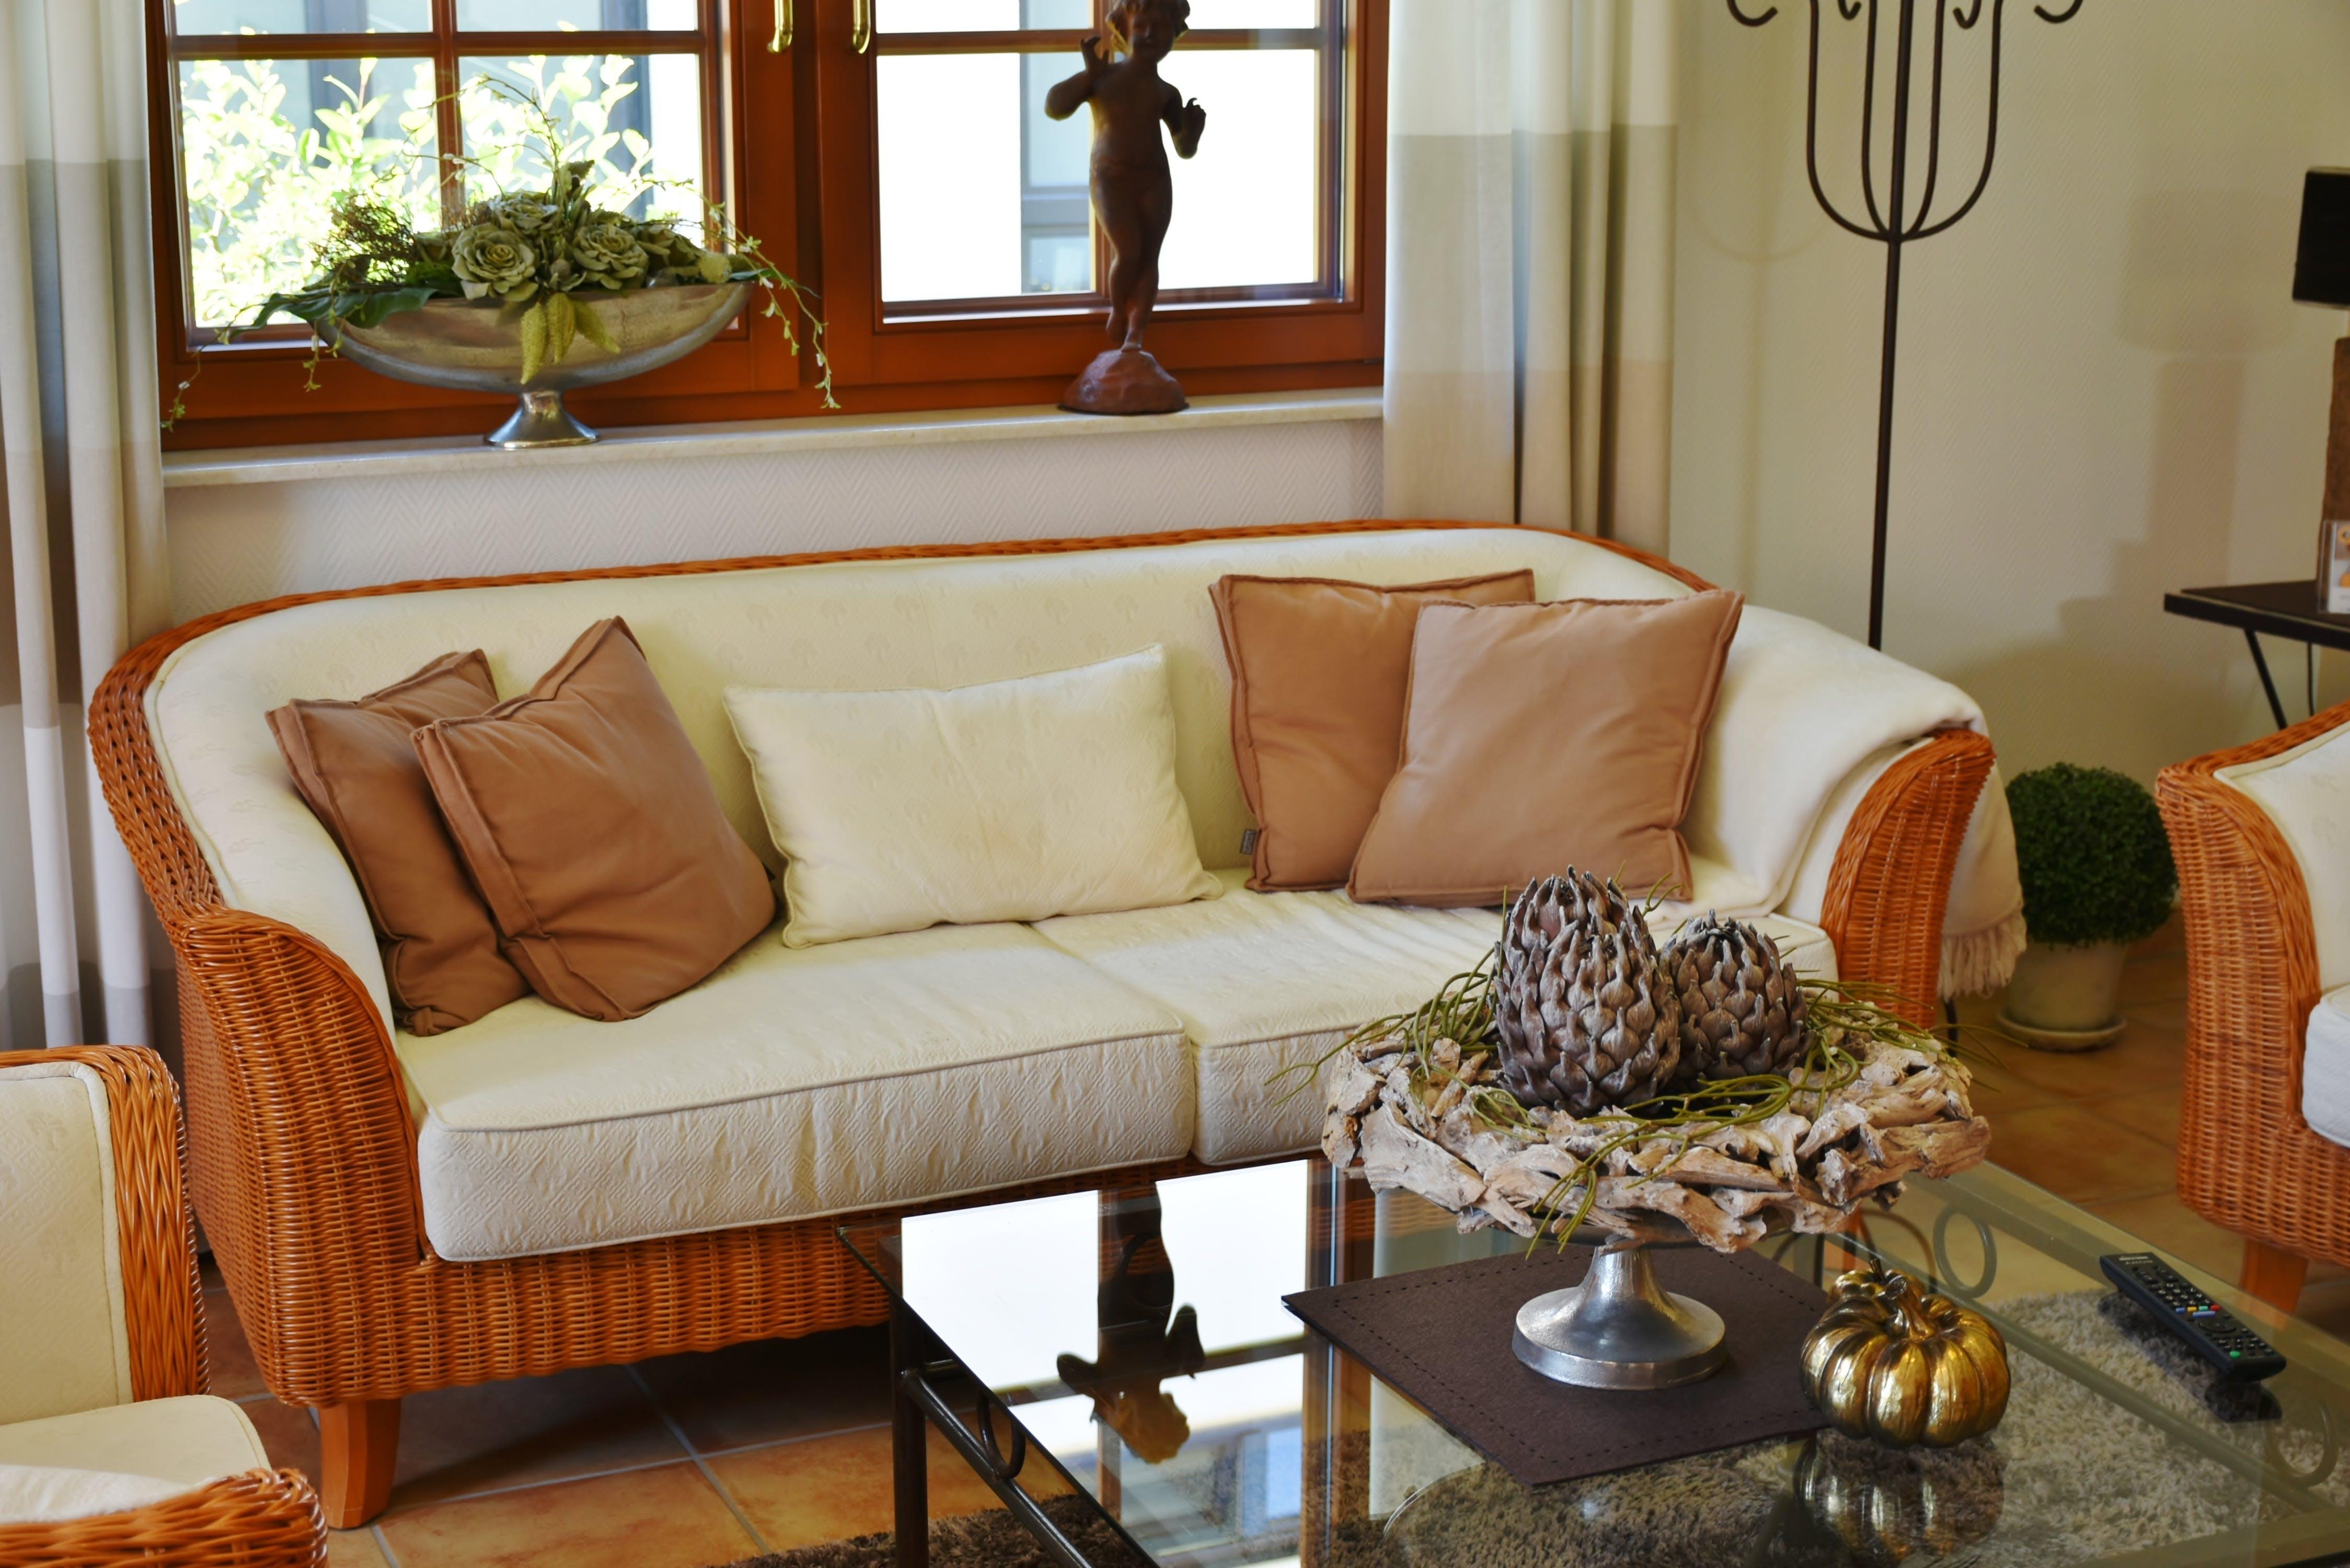 chair, cozy, cushion